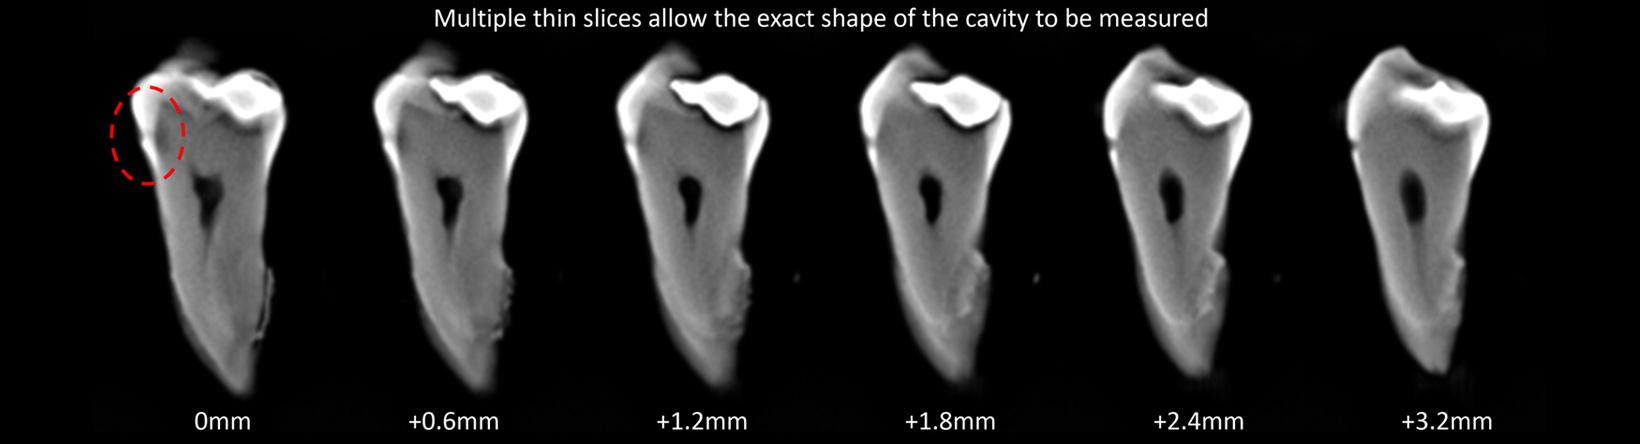 IDS-cavity-slive-anno-01